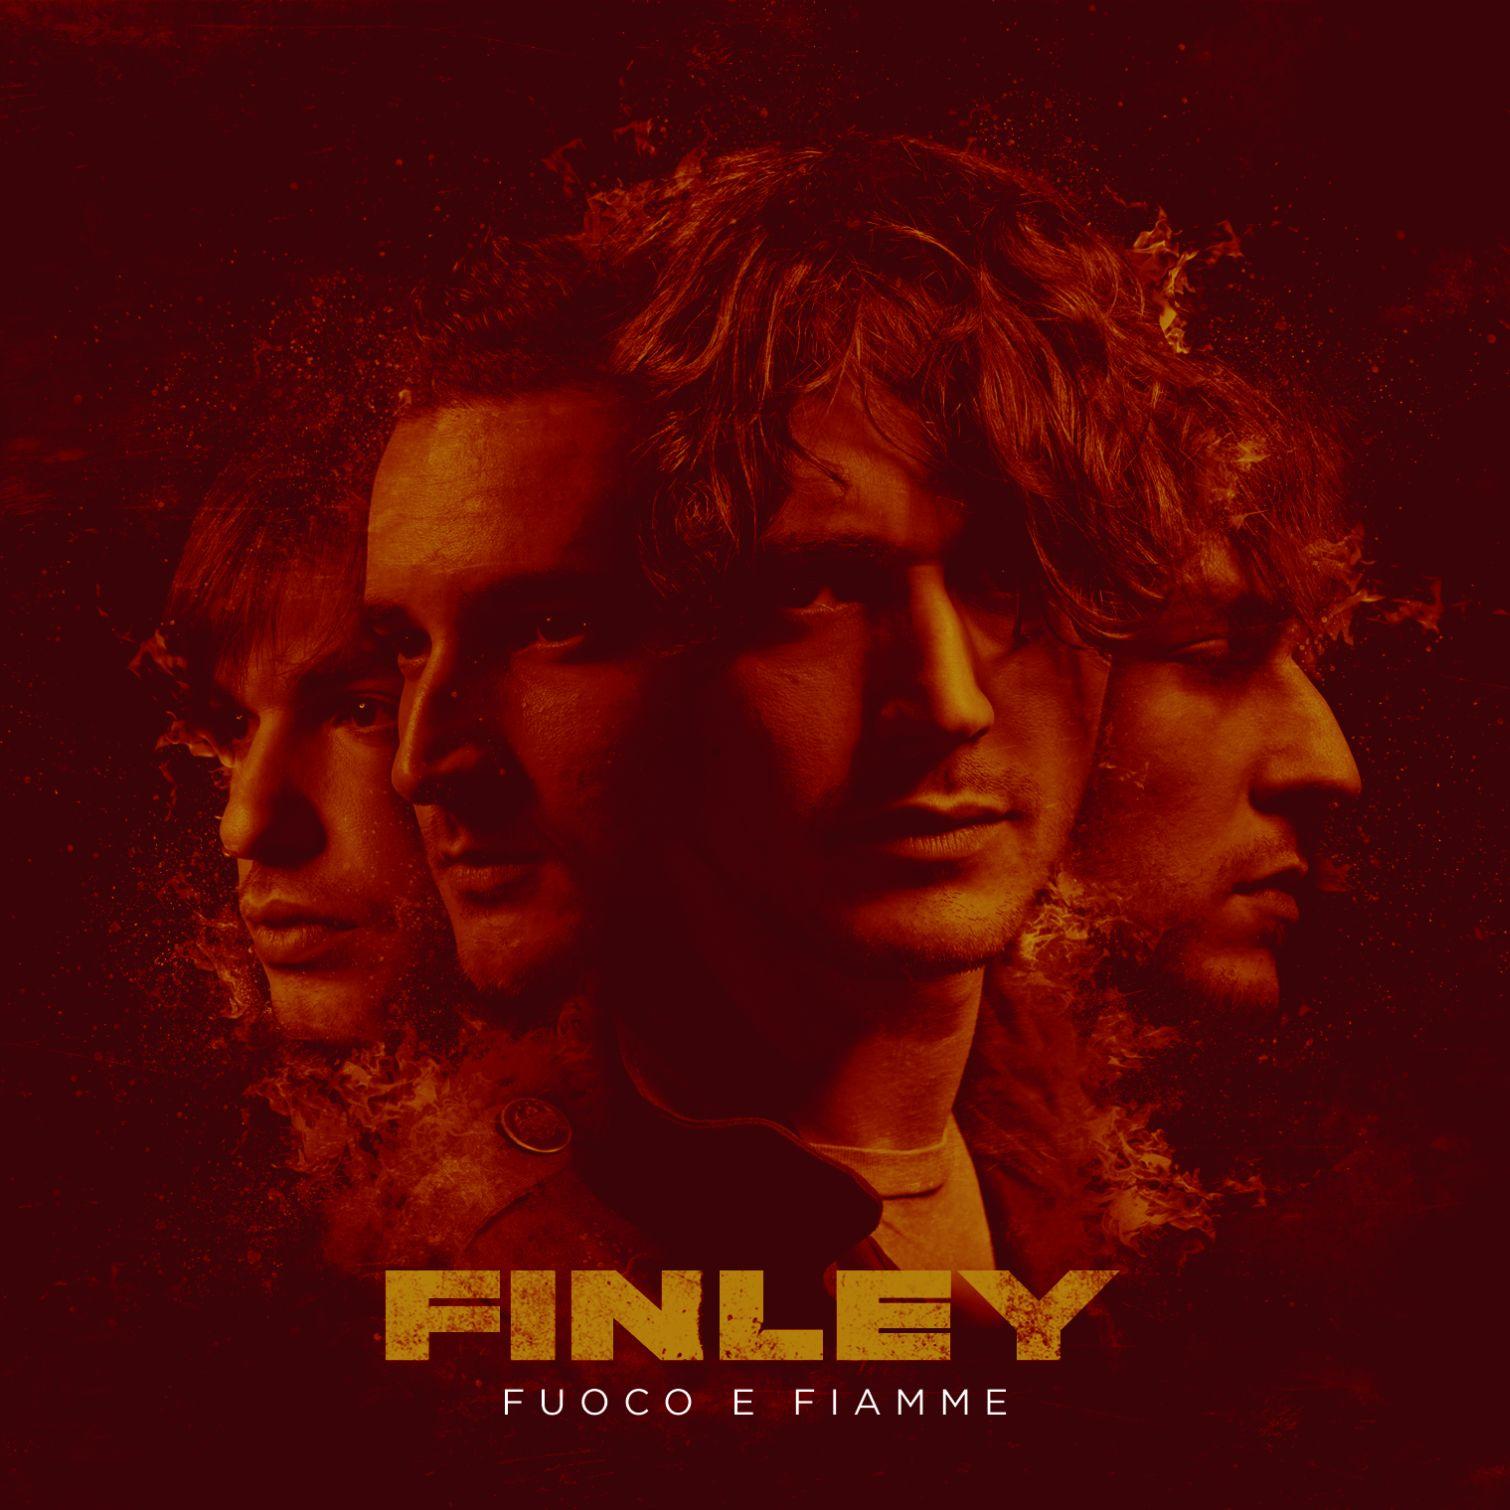 Finley: brano per brano di FUOCO E FIAMME!